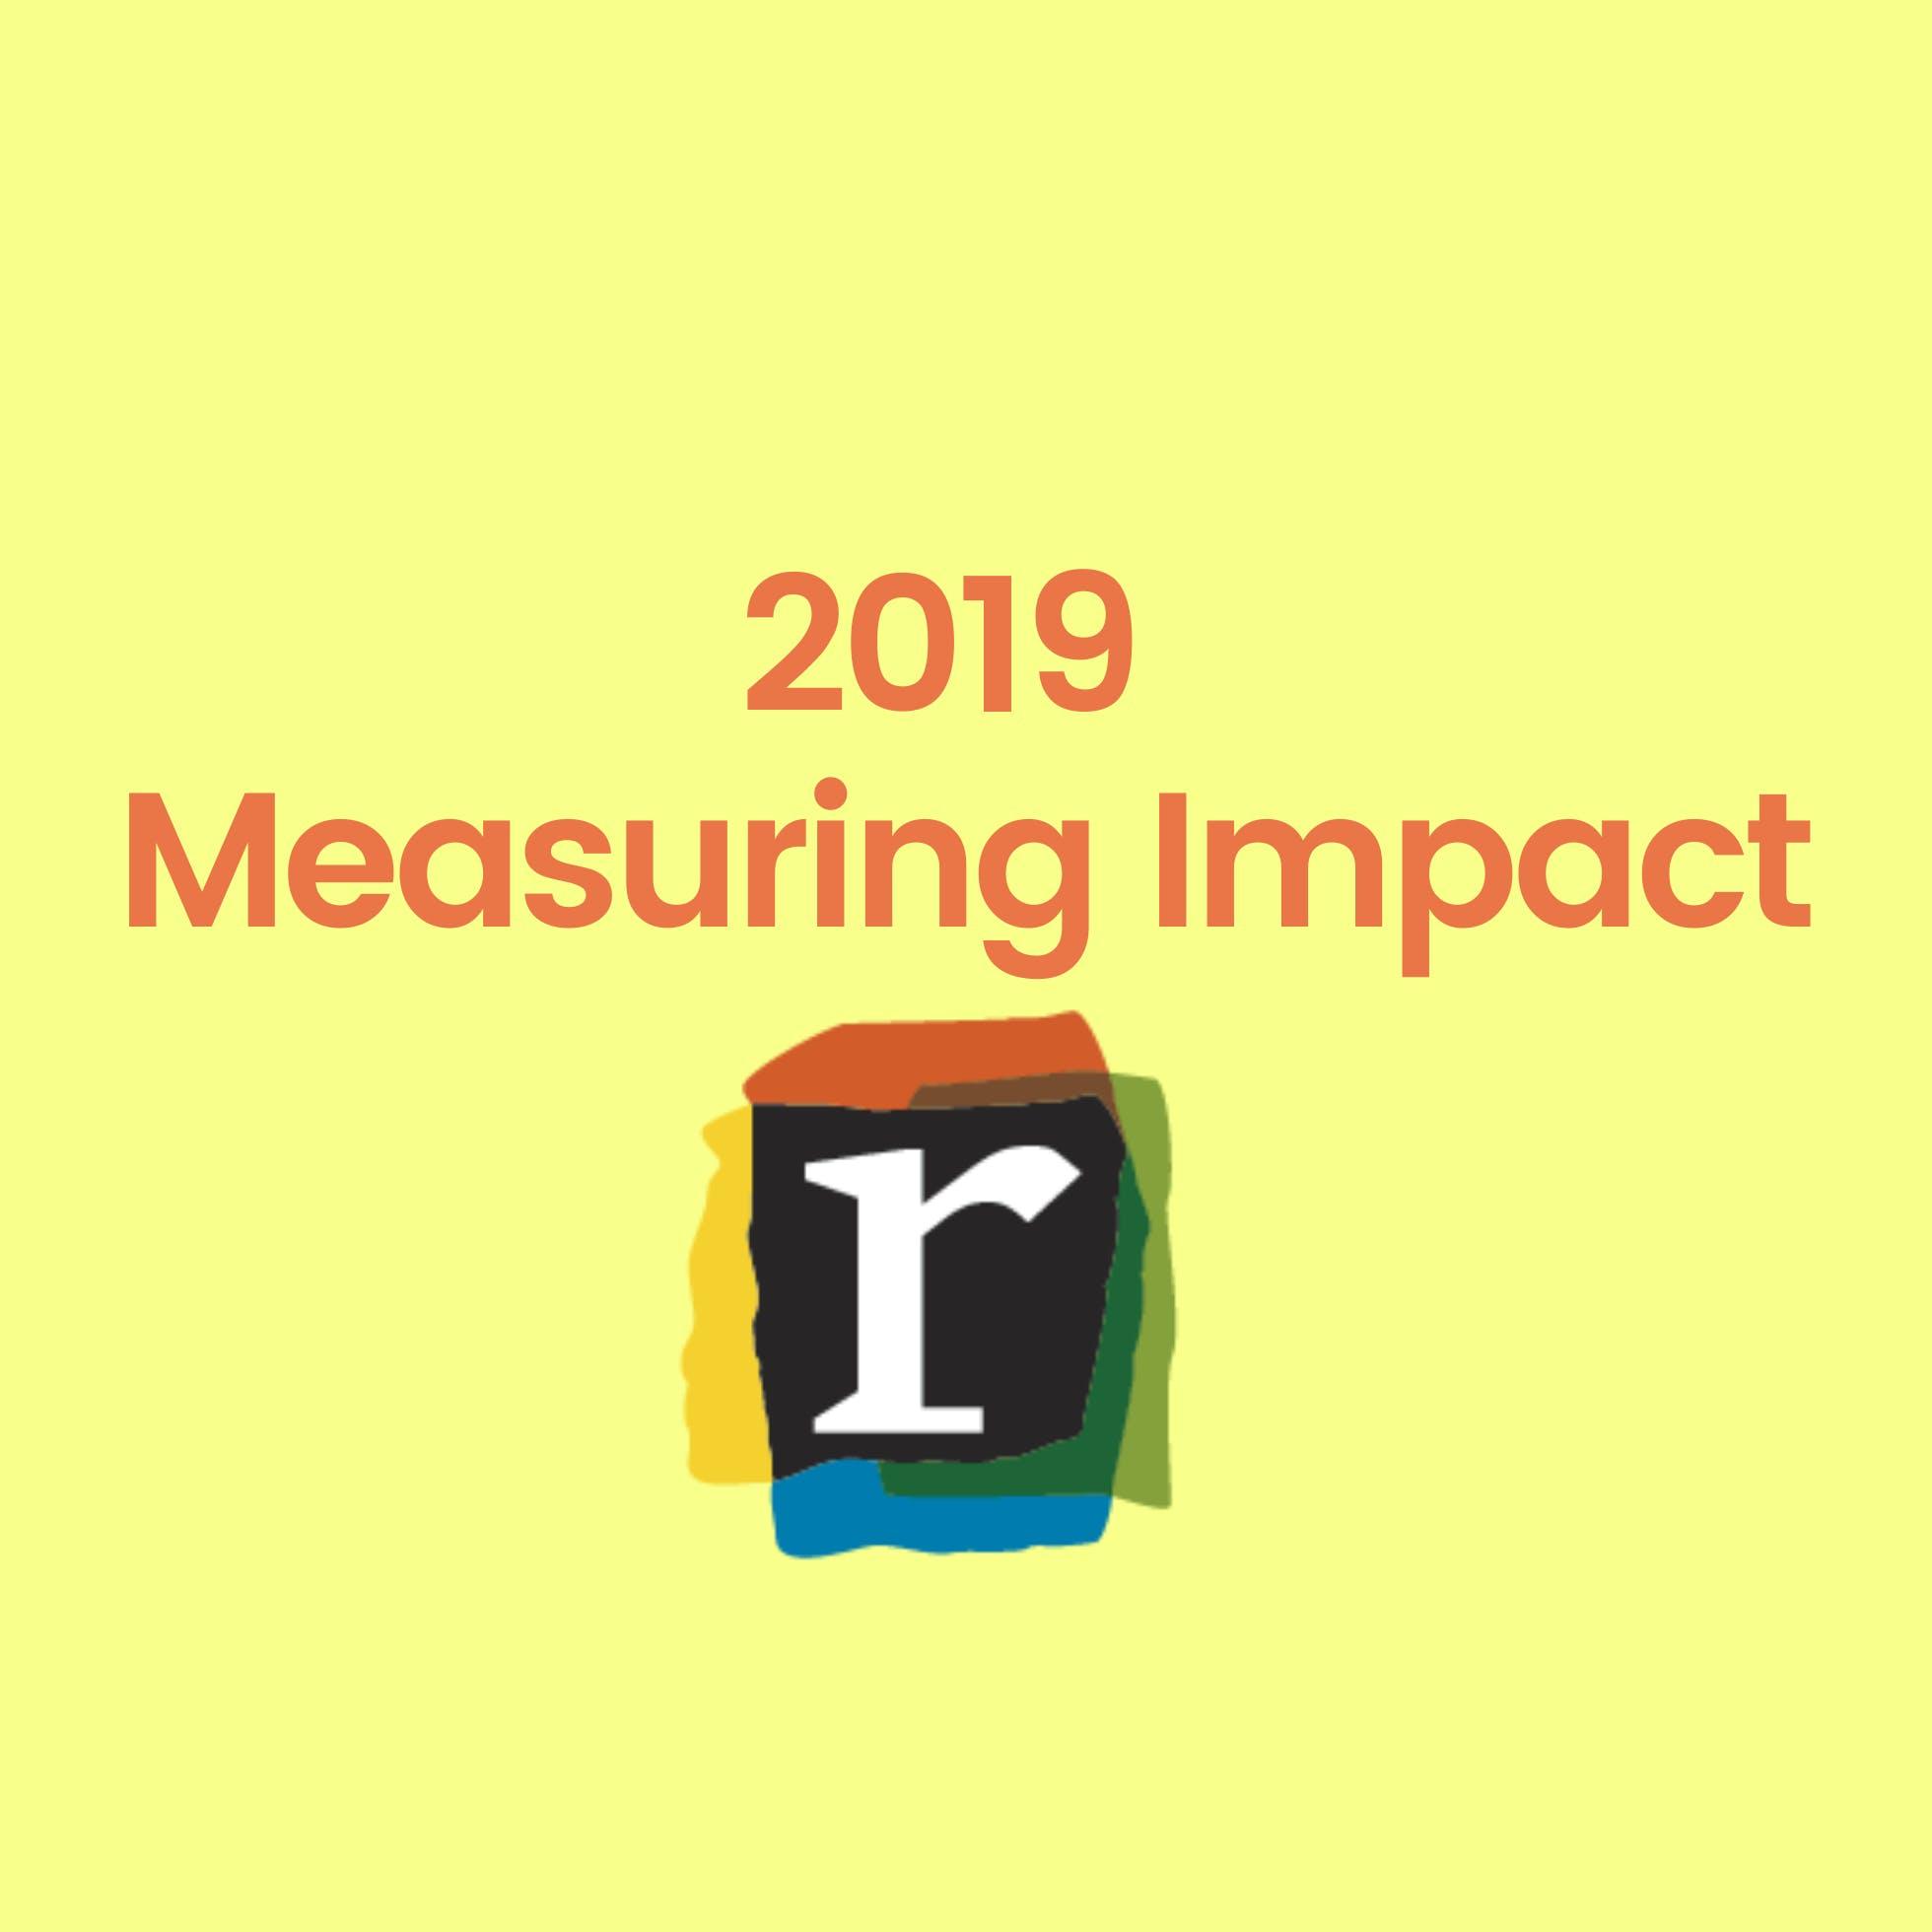 2019 Measuring Impact